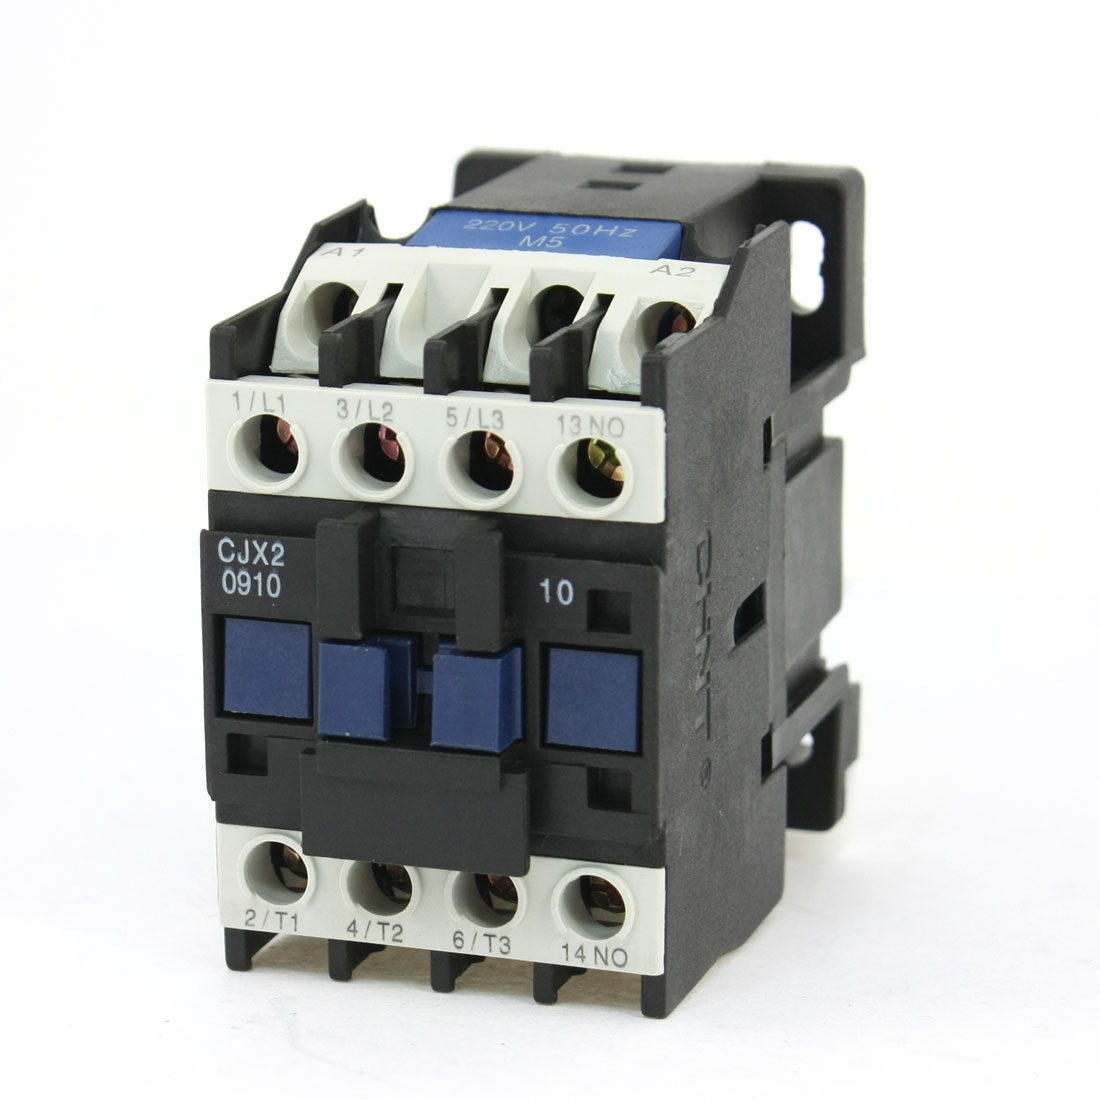 CJX2-09 Motor Control 3 Poles 1 NO Coil Volt 220V AC Contactor